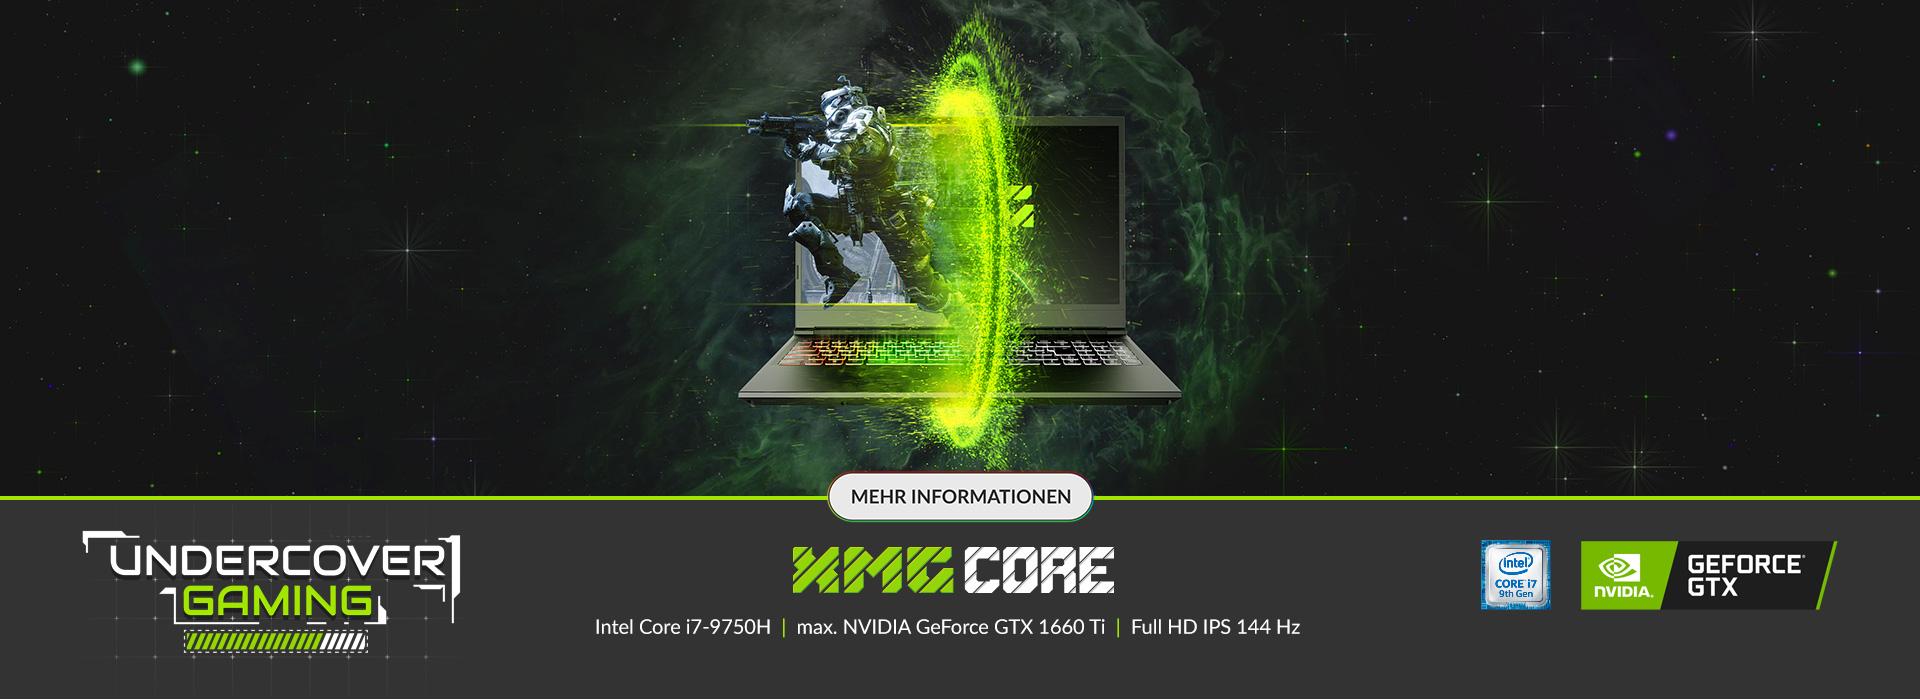 Die neue XMG CORE Serie - Undercover Gaming